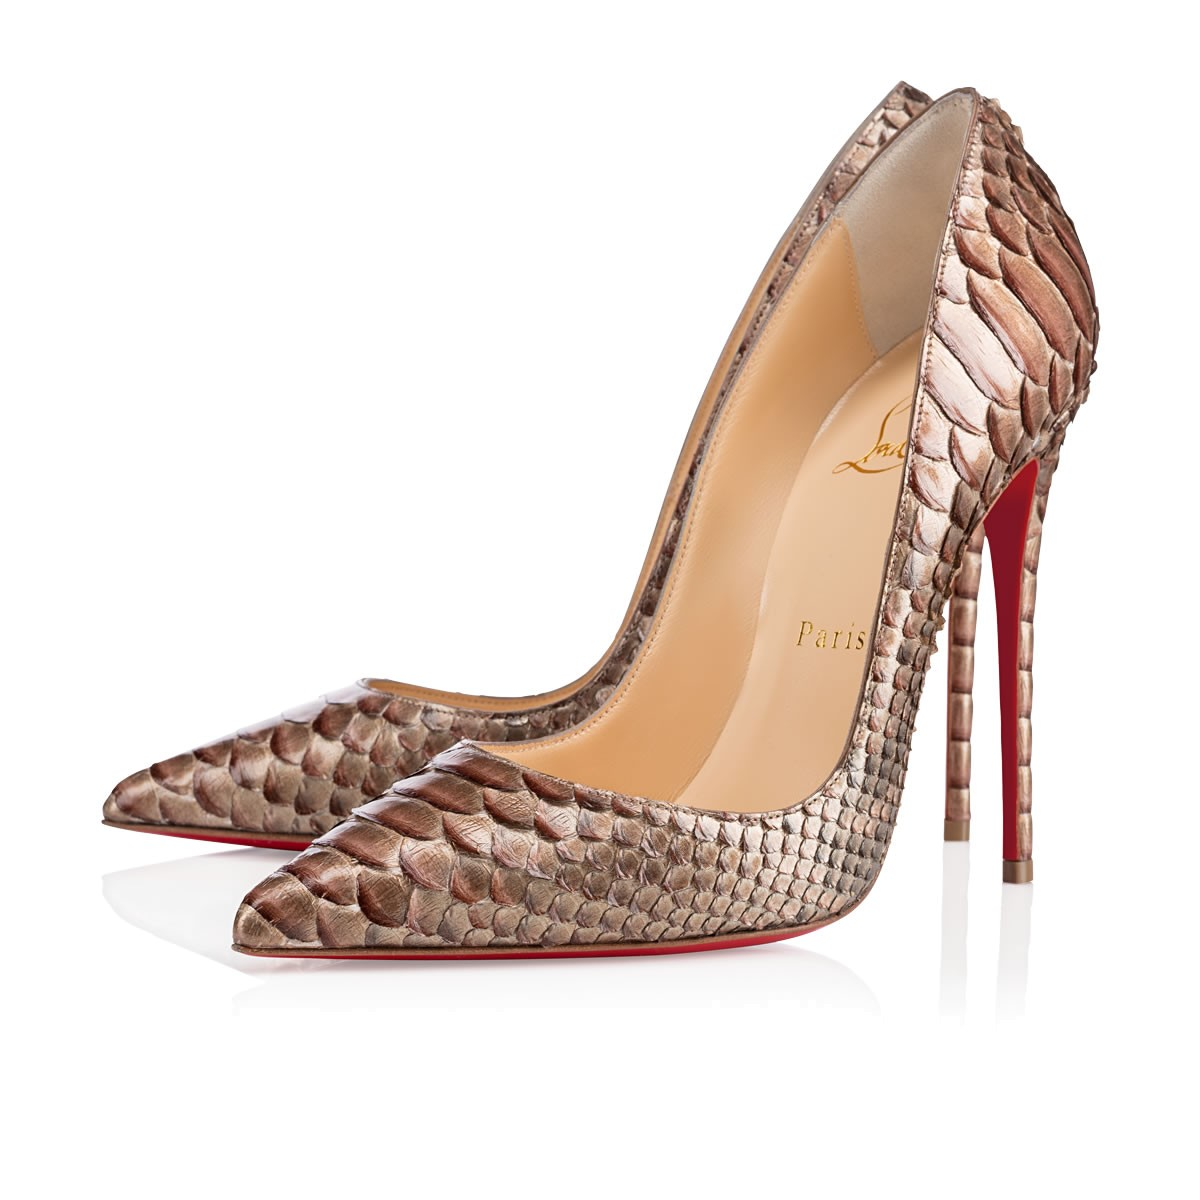 yuksek-topuklu-ayakkabi-modelleri-stiletto-15